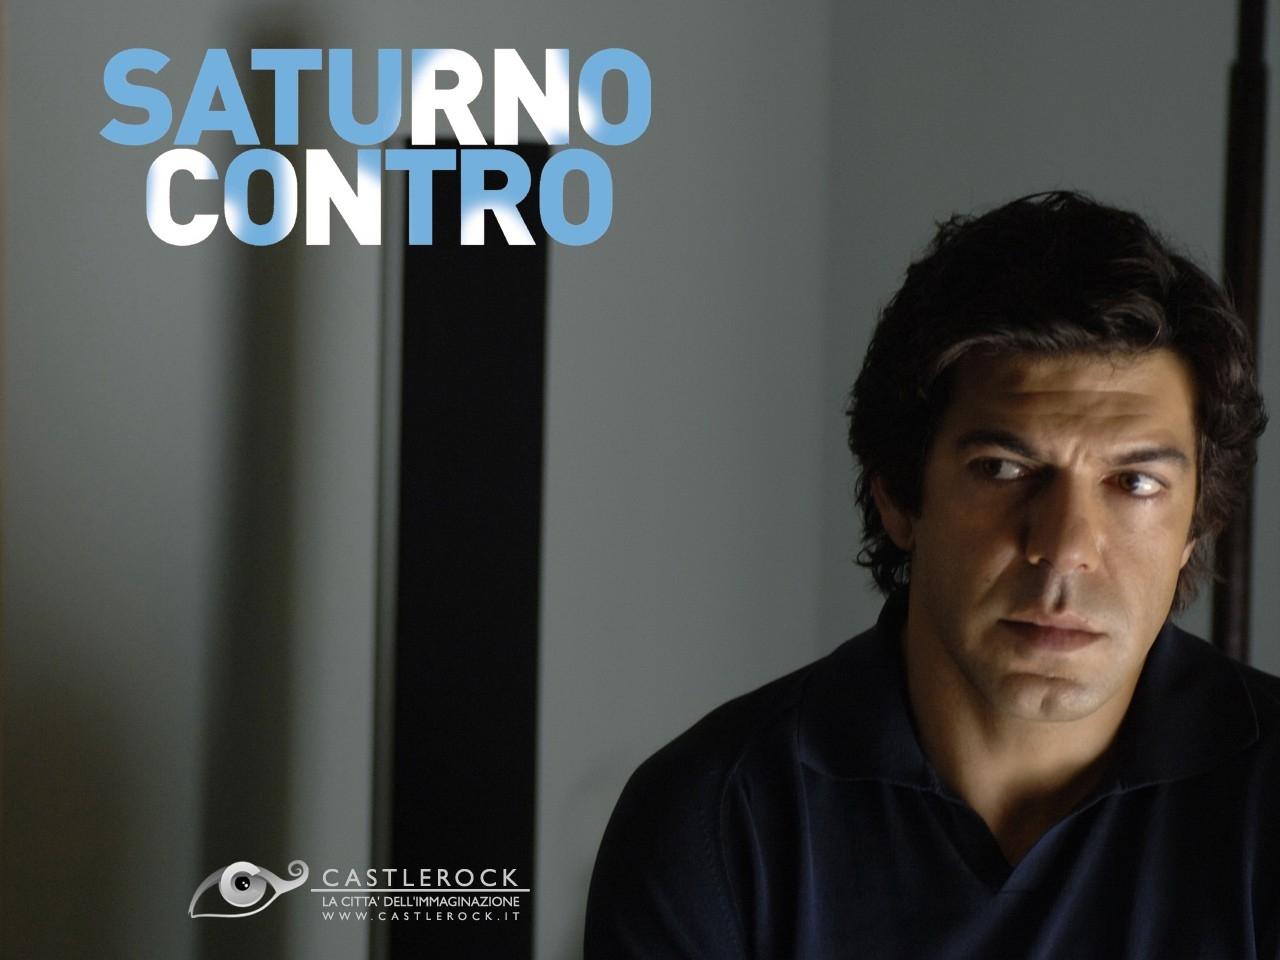 Wallpaper del film Saturno contro con Favino